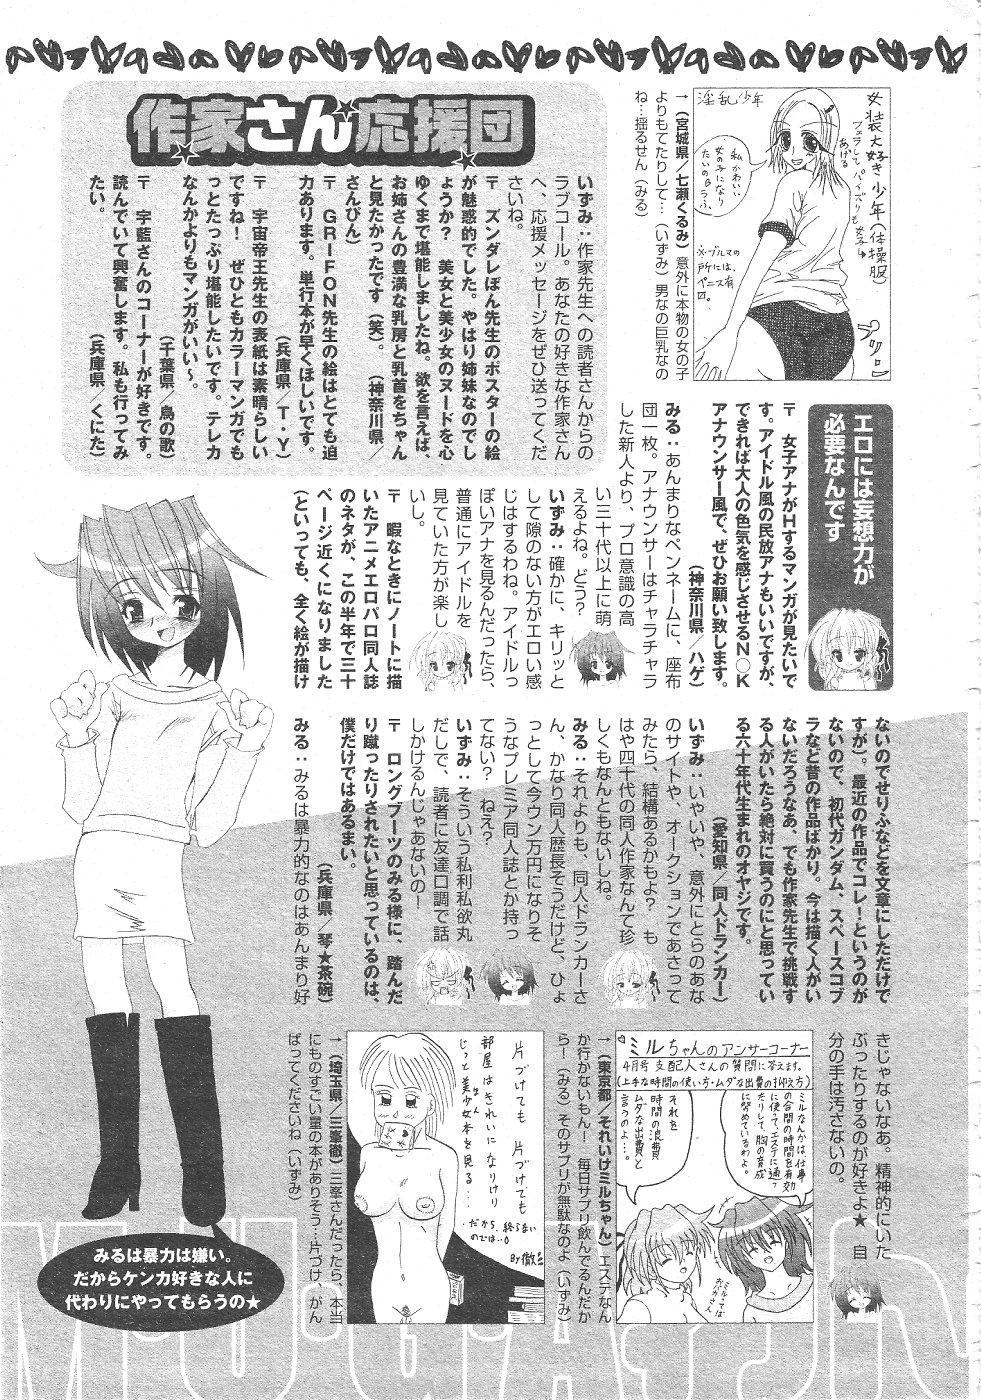 Gekkan Comic Muga 2004-06 Vol.10 418